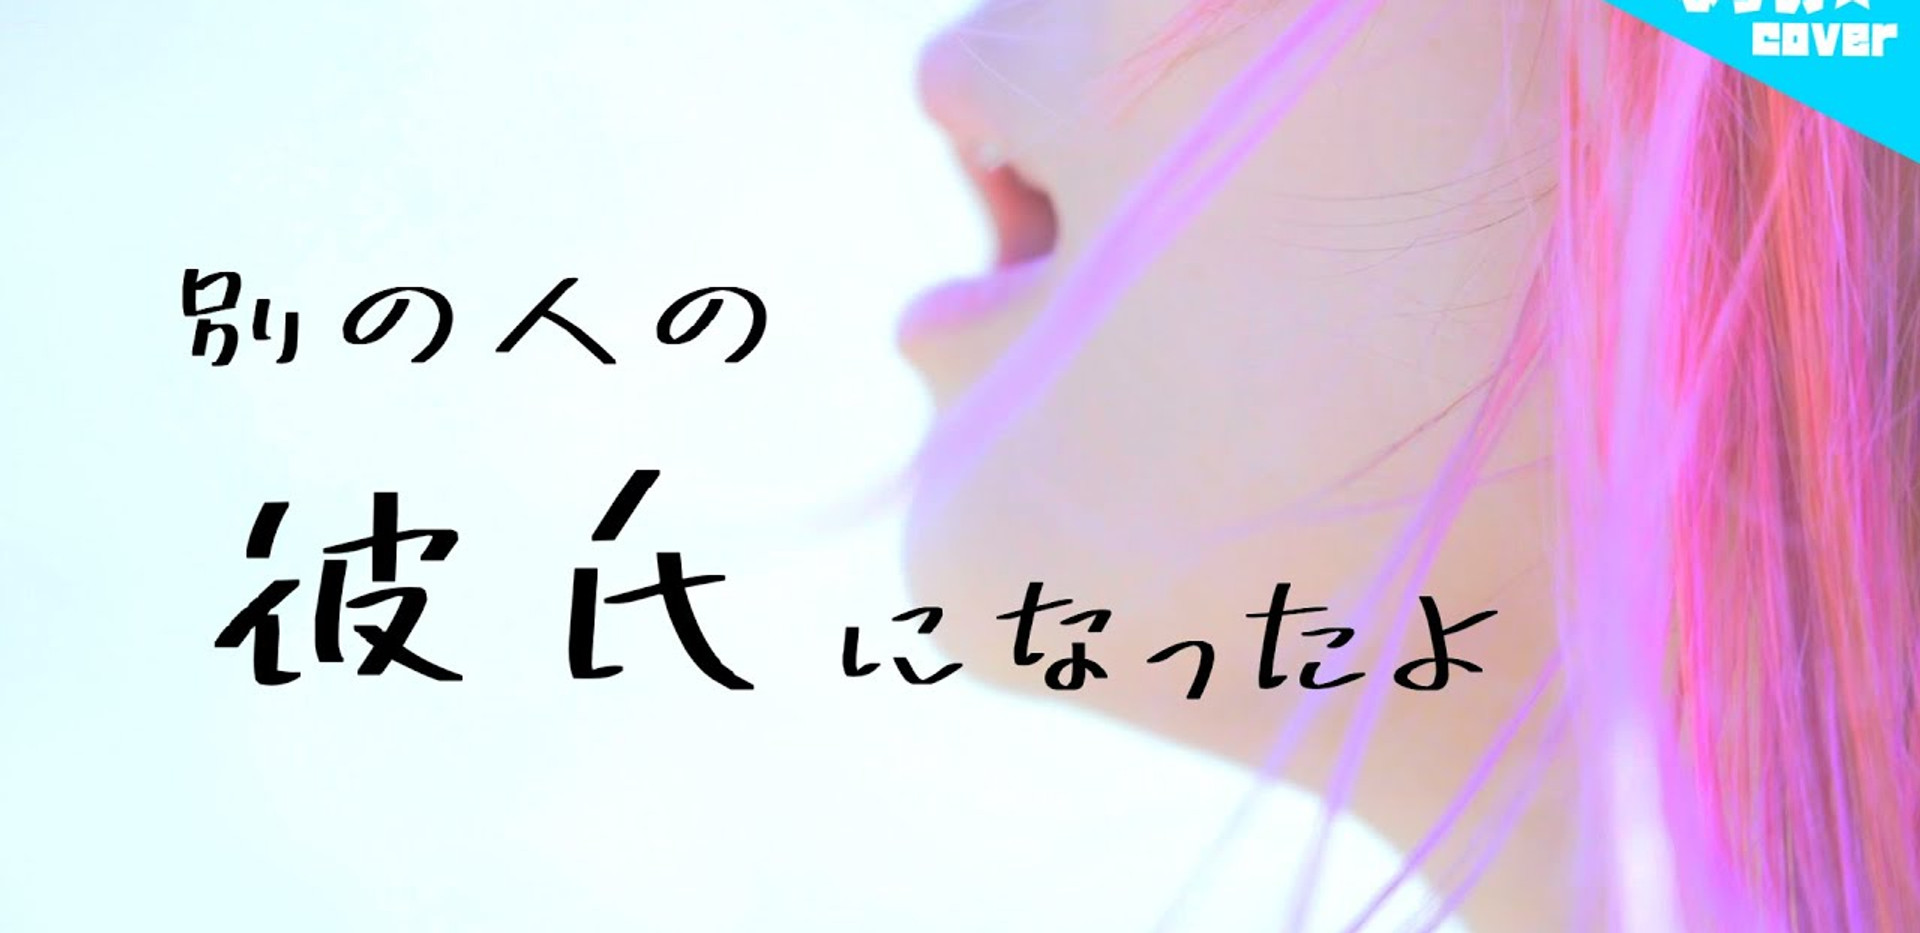 男性目線で】別の人の彼女になったよ - wacci 〜アンサーソングver.〜 (なすお☆替え歌cover)